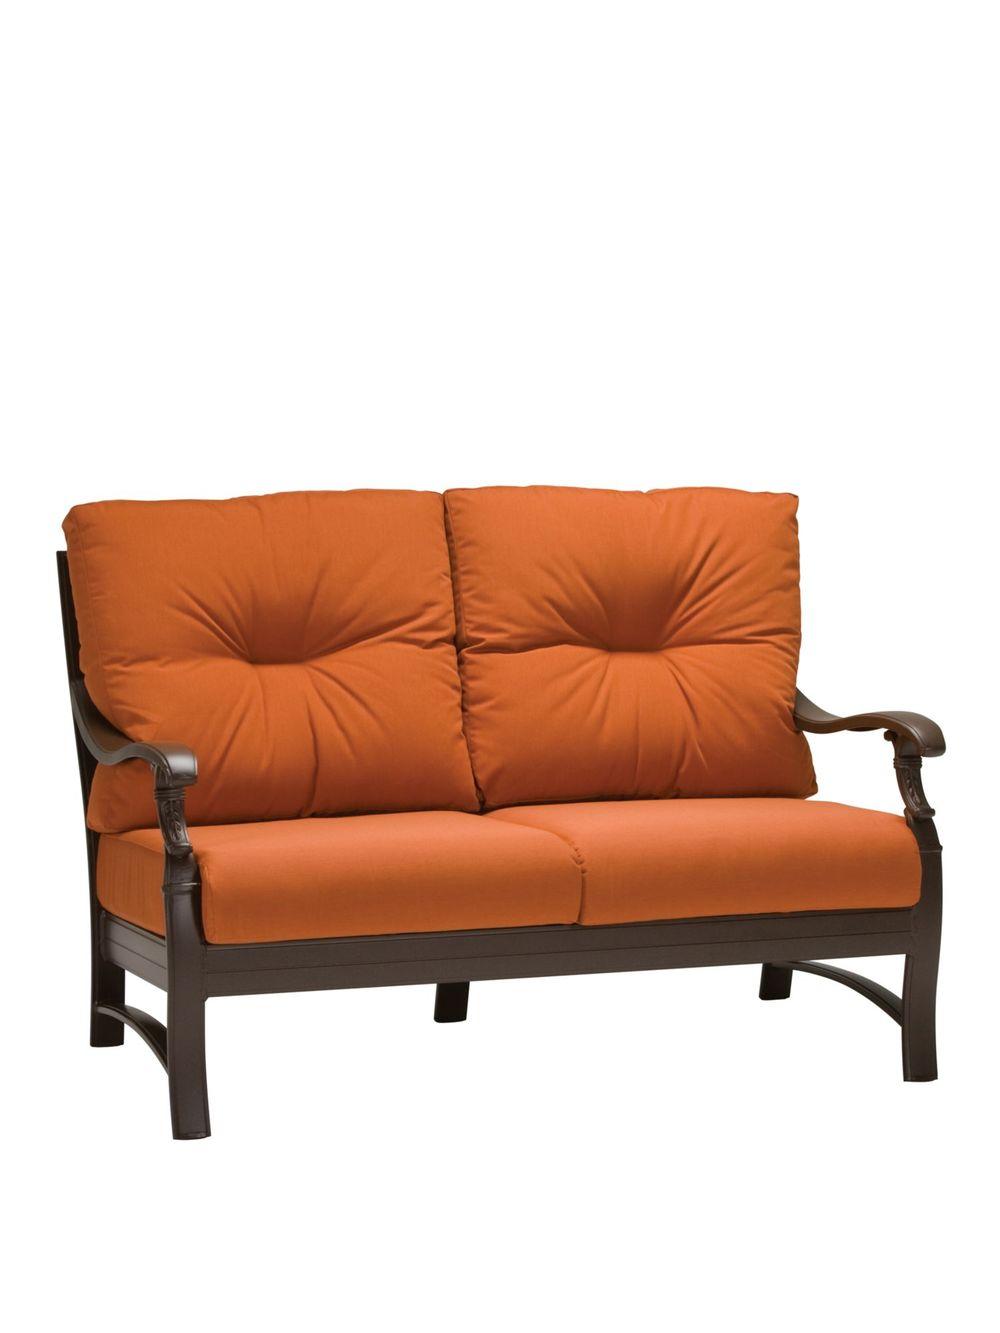 Tropitone Furniture - Loveseat